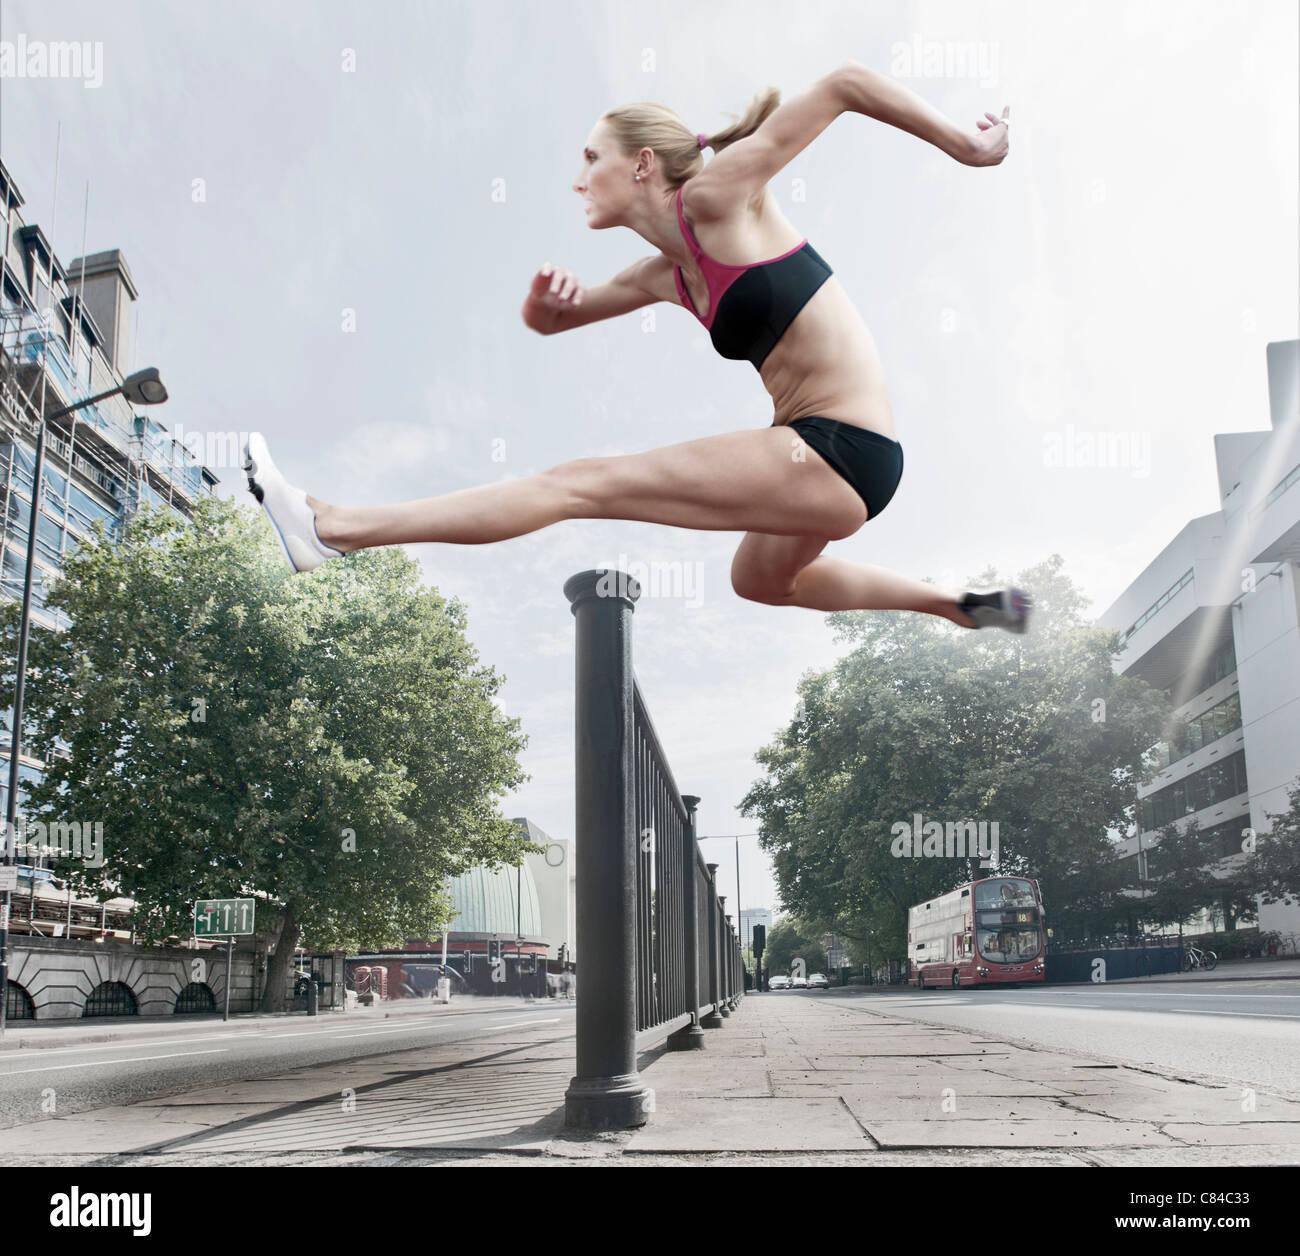 Athleten springen über Geländer auf Straße Stockfoto